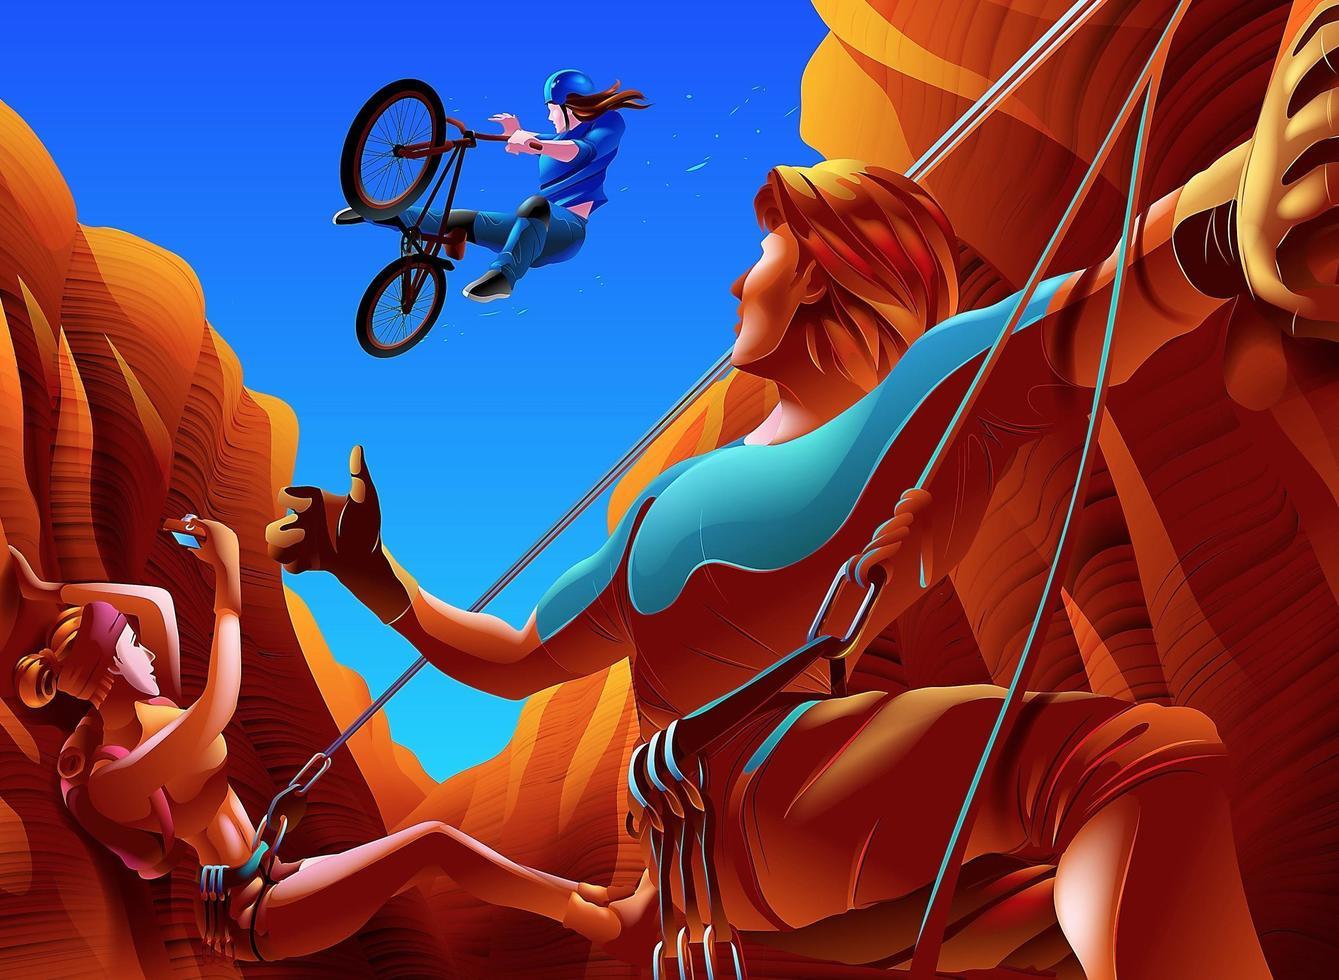 Par, escalando, entre, um, canhão, sulco, e, ciclista, pular, através vetor